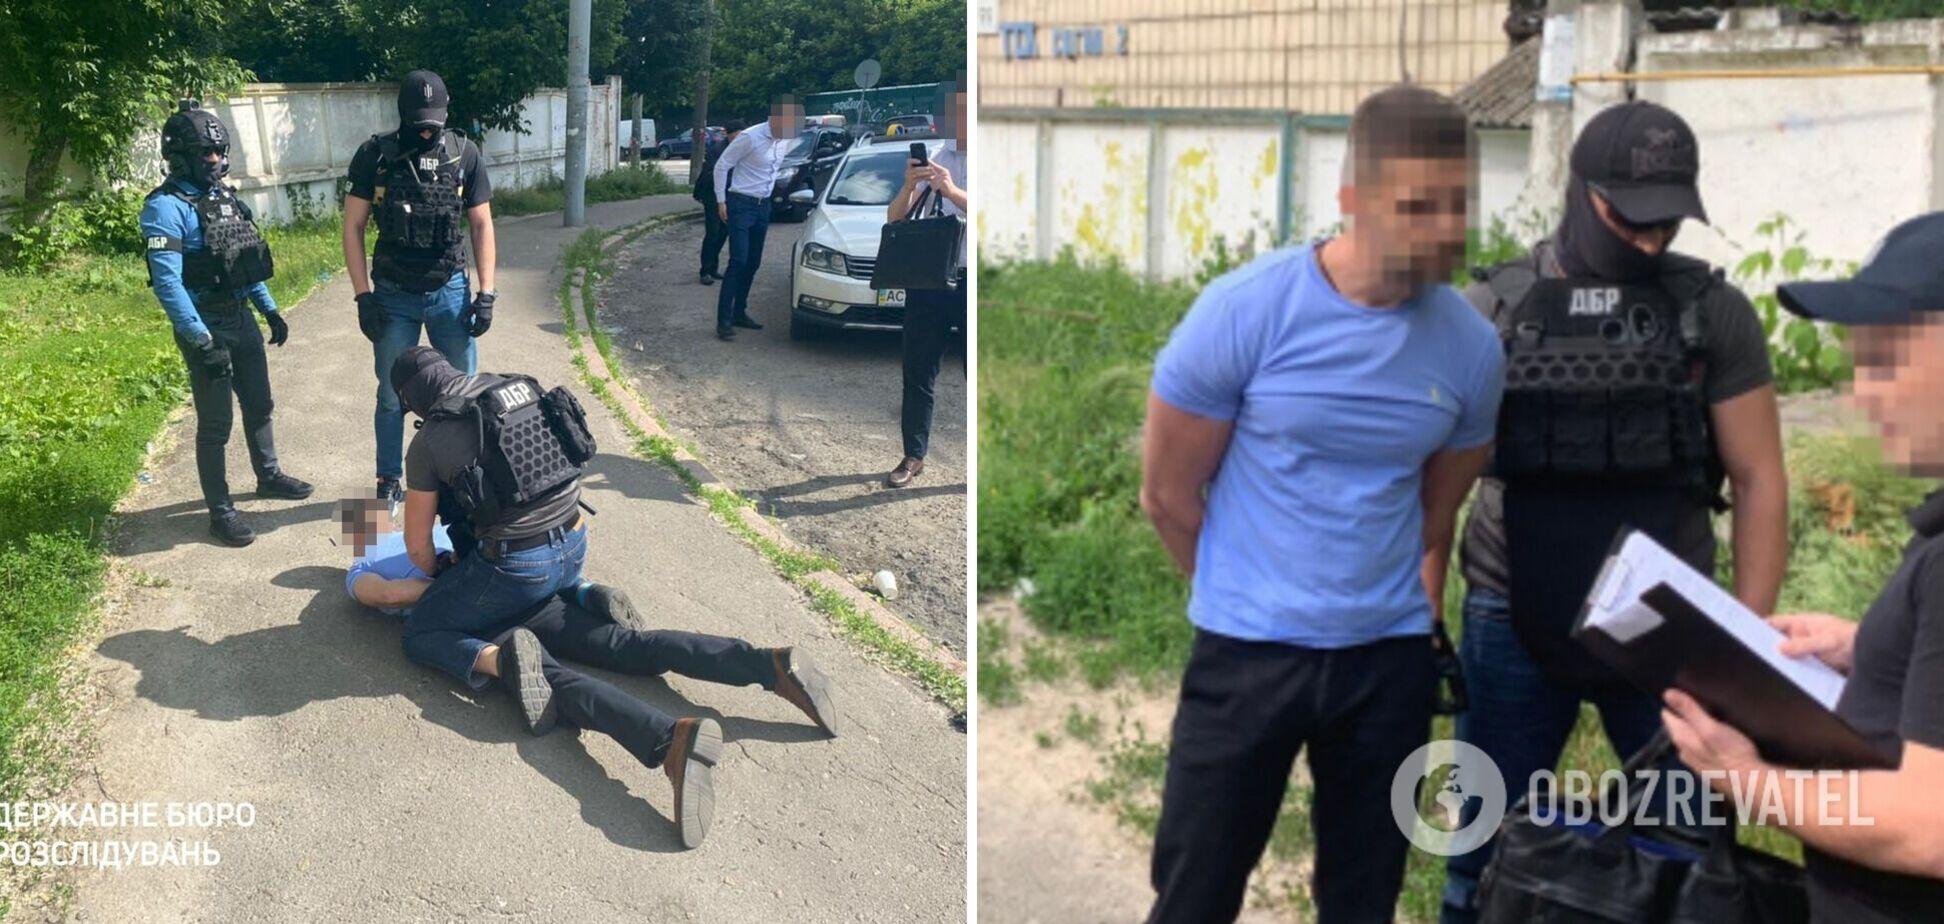 Топменеджера Укртрансбезопасности задержали за вымогательство взяток